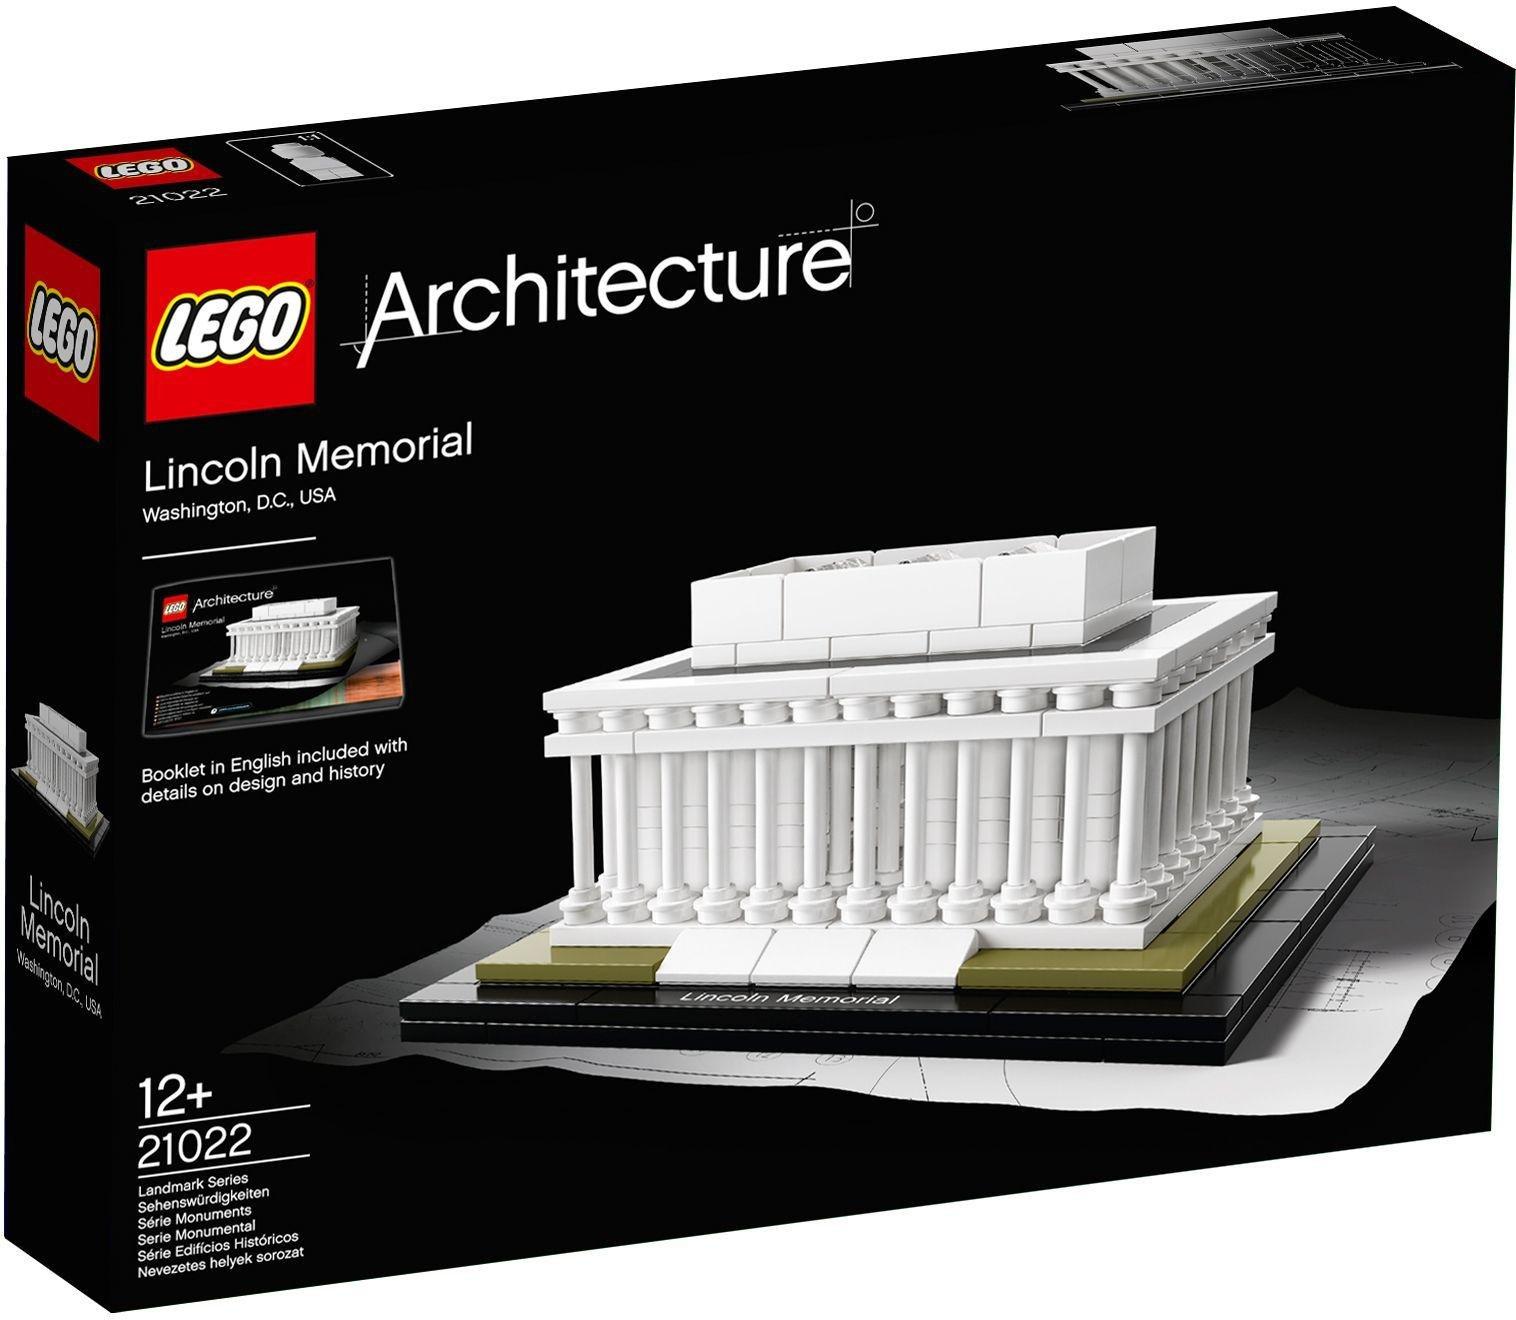 LEGO - Architecture Lincoln Memorial - 21022